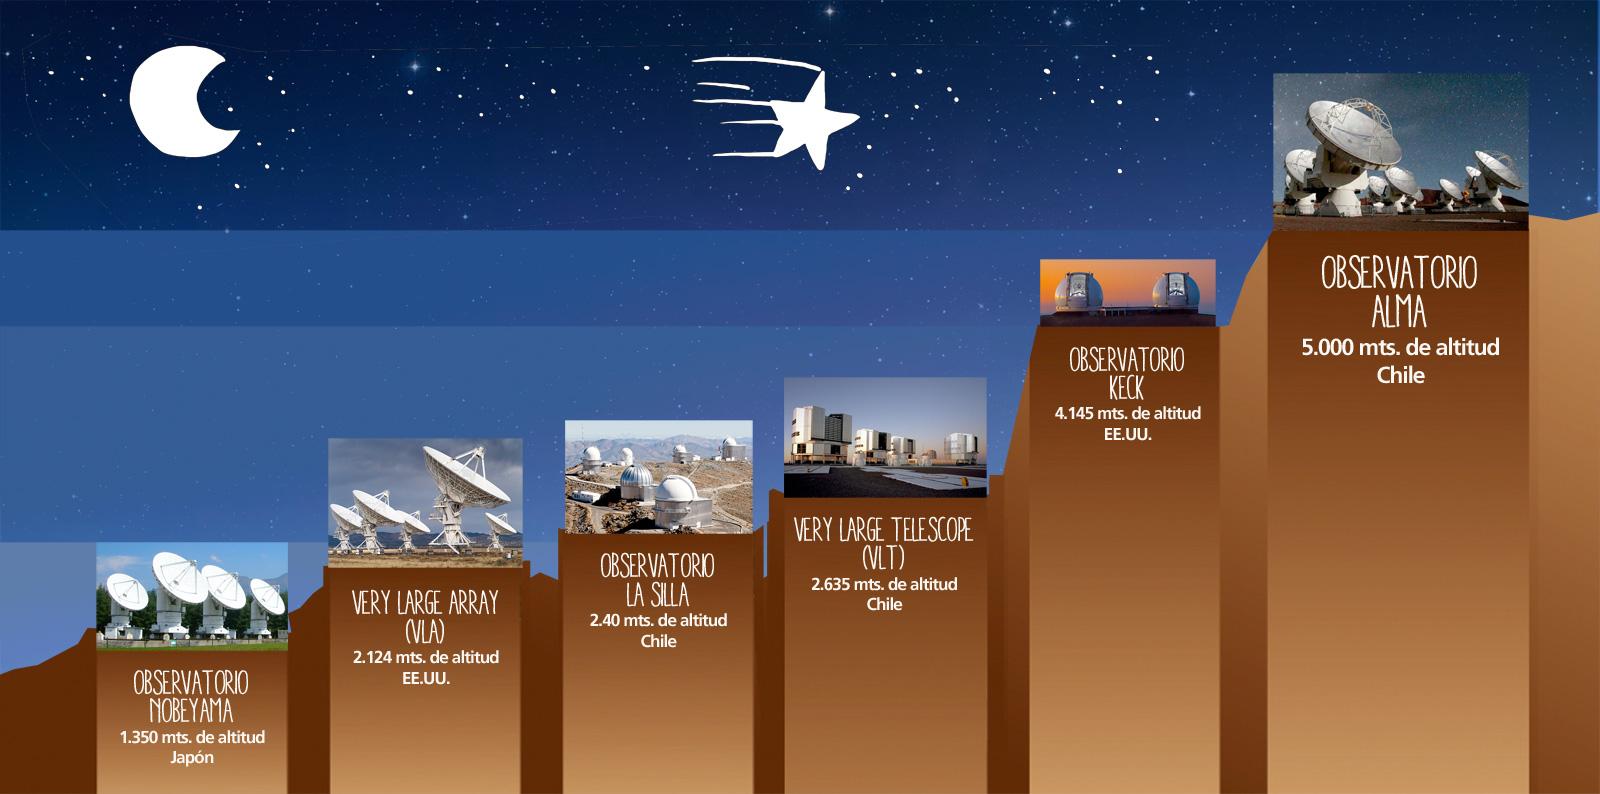 Télescopes - radiotélescopes - réseaux interférométriques - La Silla - VLT - Keck - ALMA - VLA - Nobeyama - Comparaison altitudes - Pourquoi en montagne - ESO